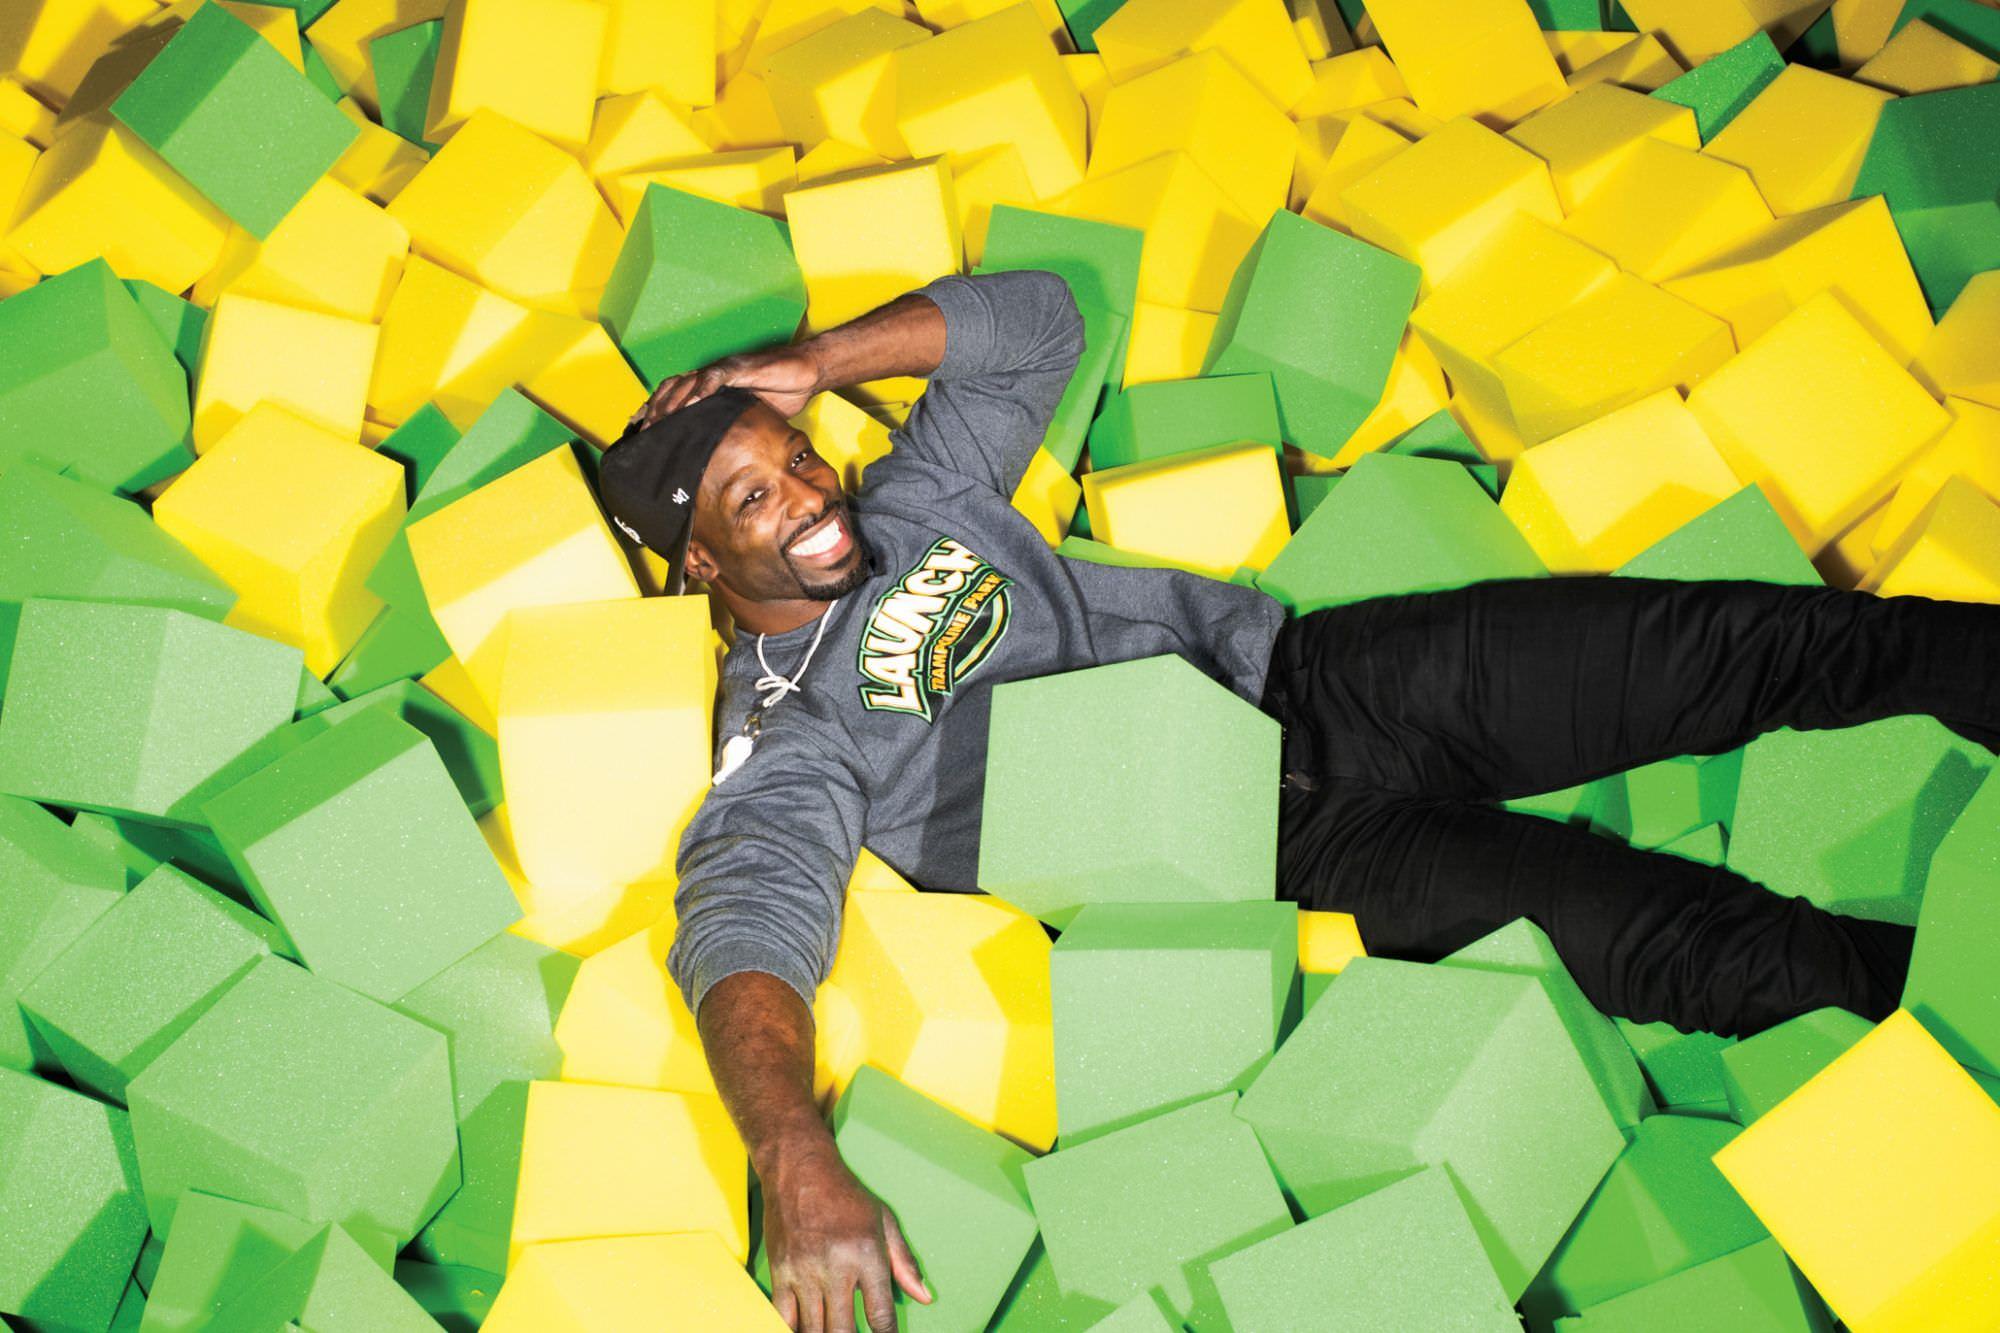 A ex-estrela da NFL Jason Avant tem uma nova carreira – em parques de trampolim